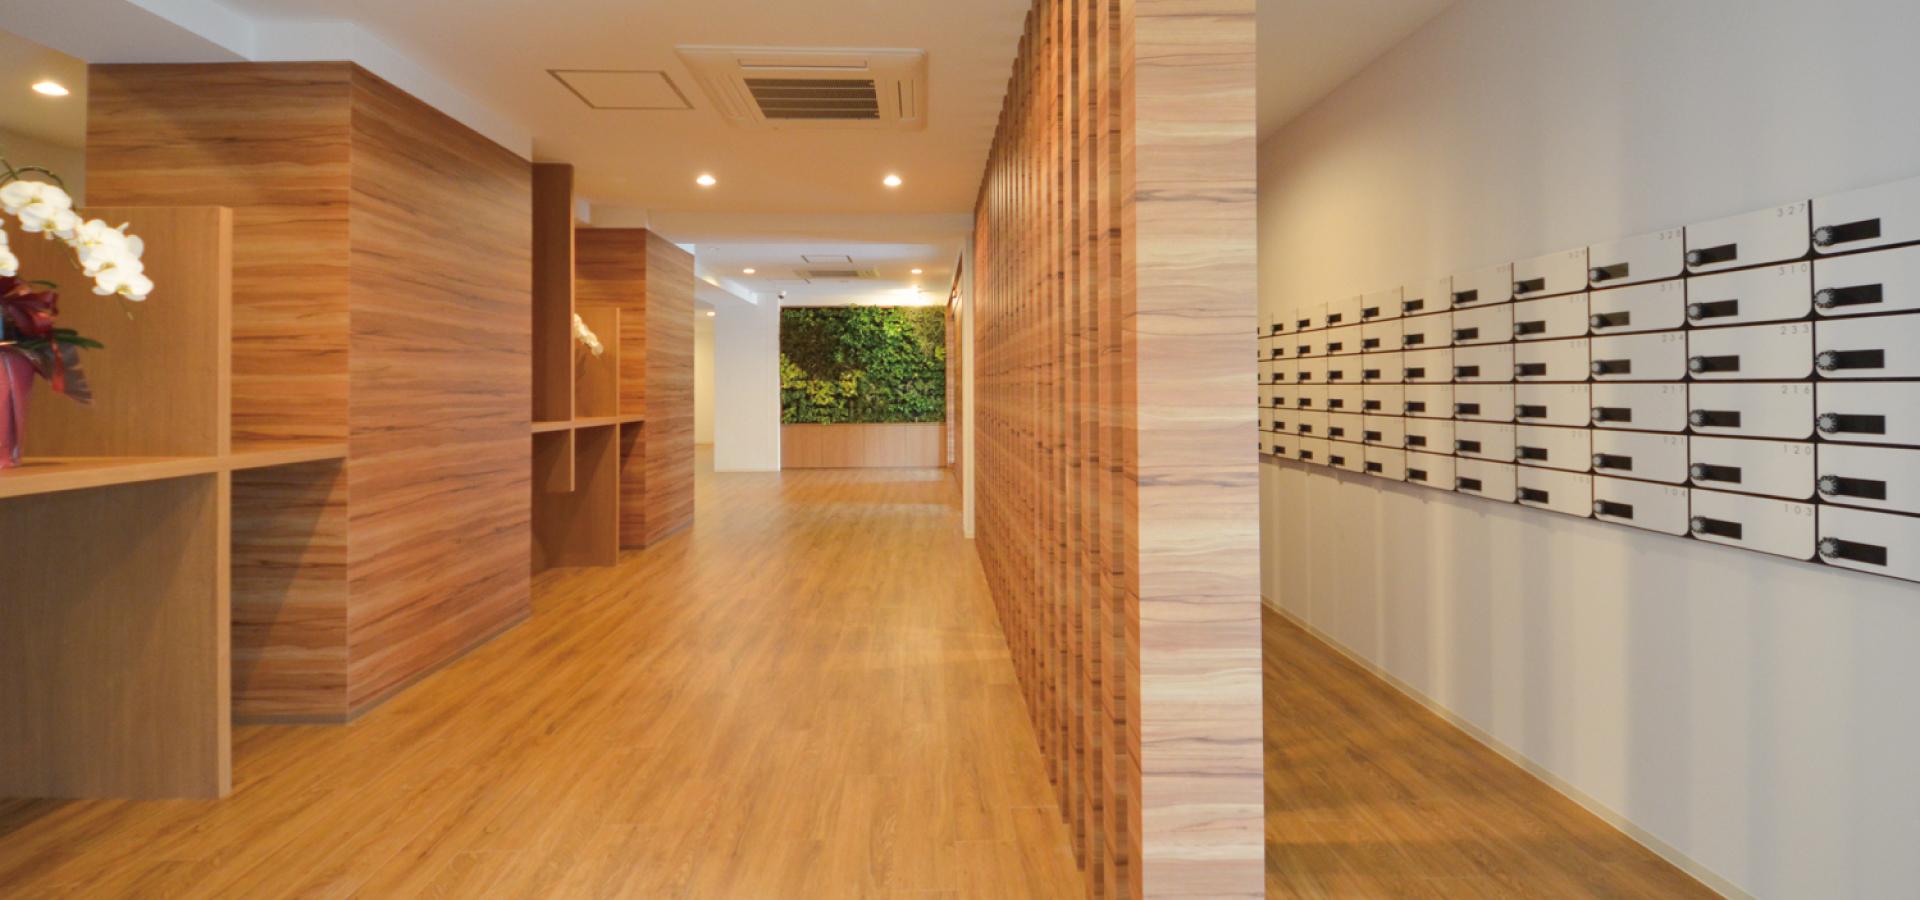 「ティーズカレッジ大阪大学前」各自のメールボックス完備 宅都プロパティ大阪学生向けマンション総合サイト|studentroom